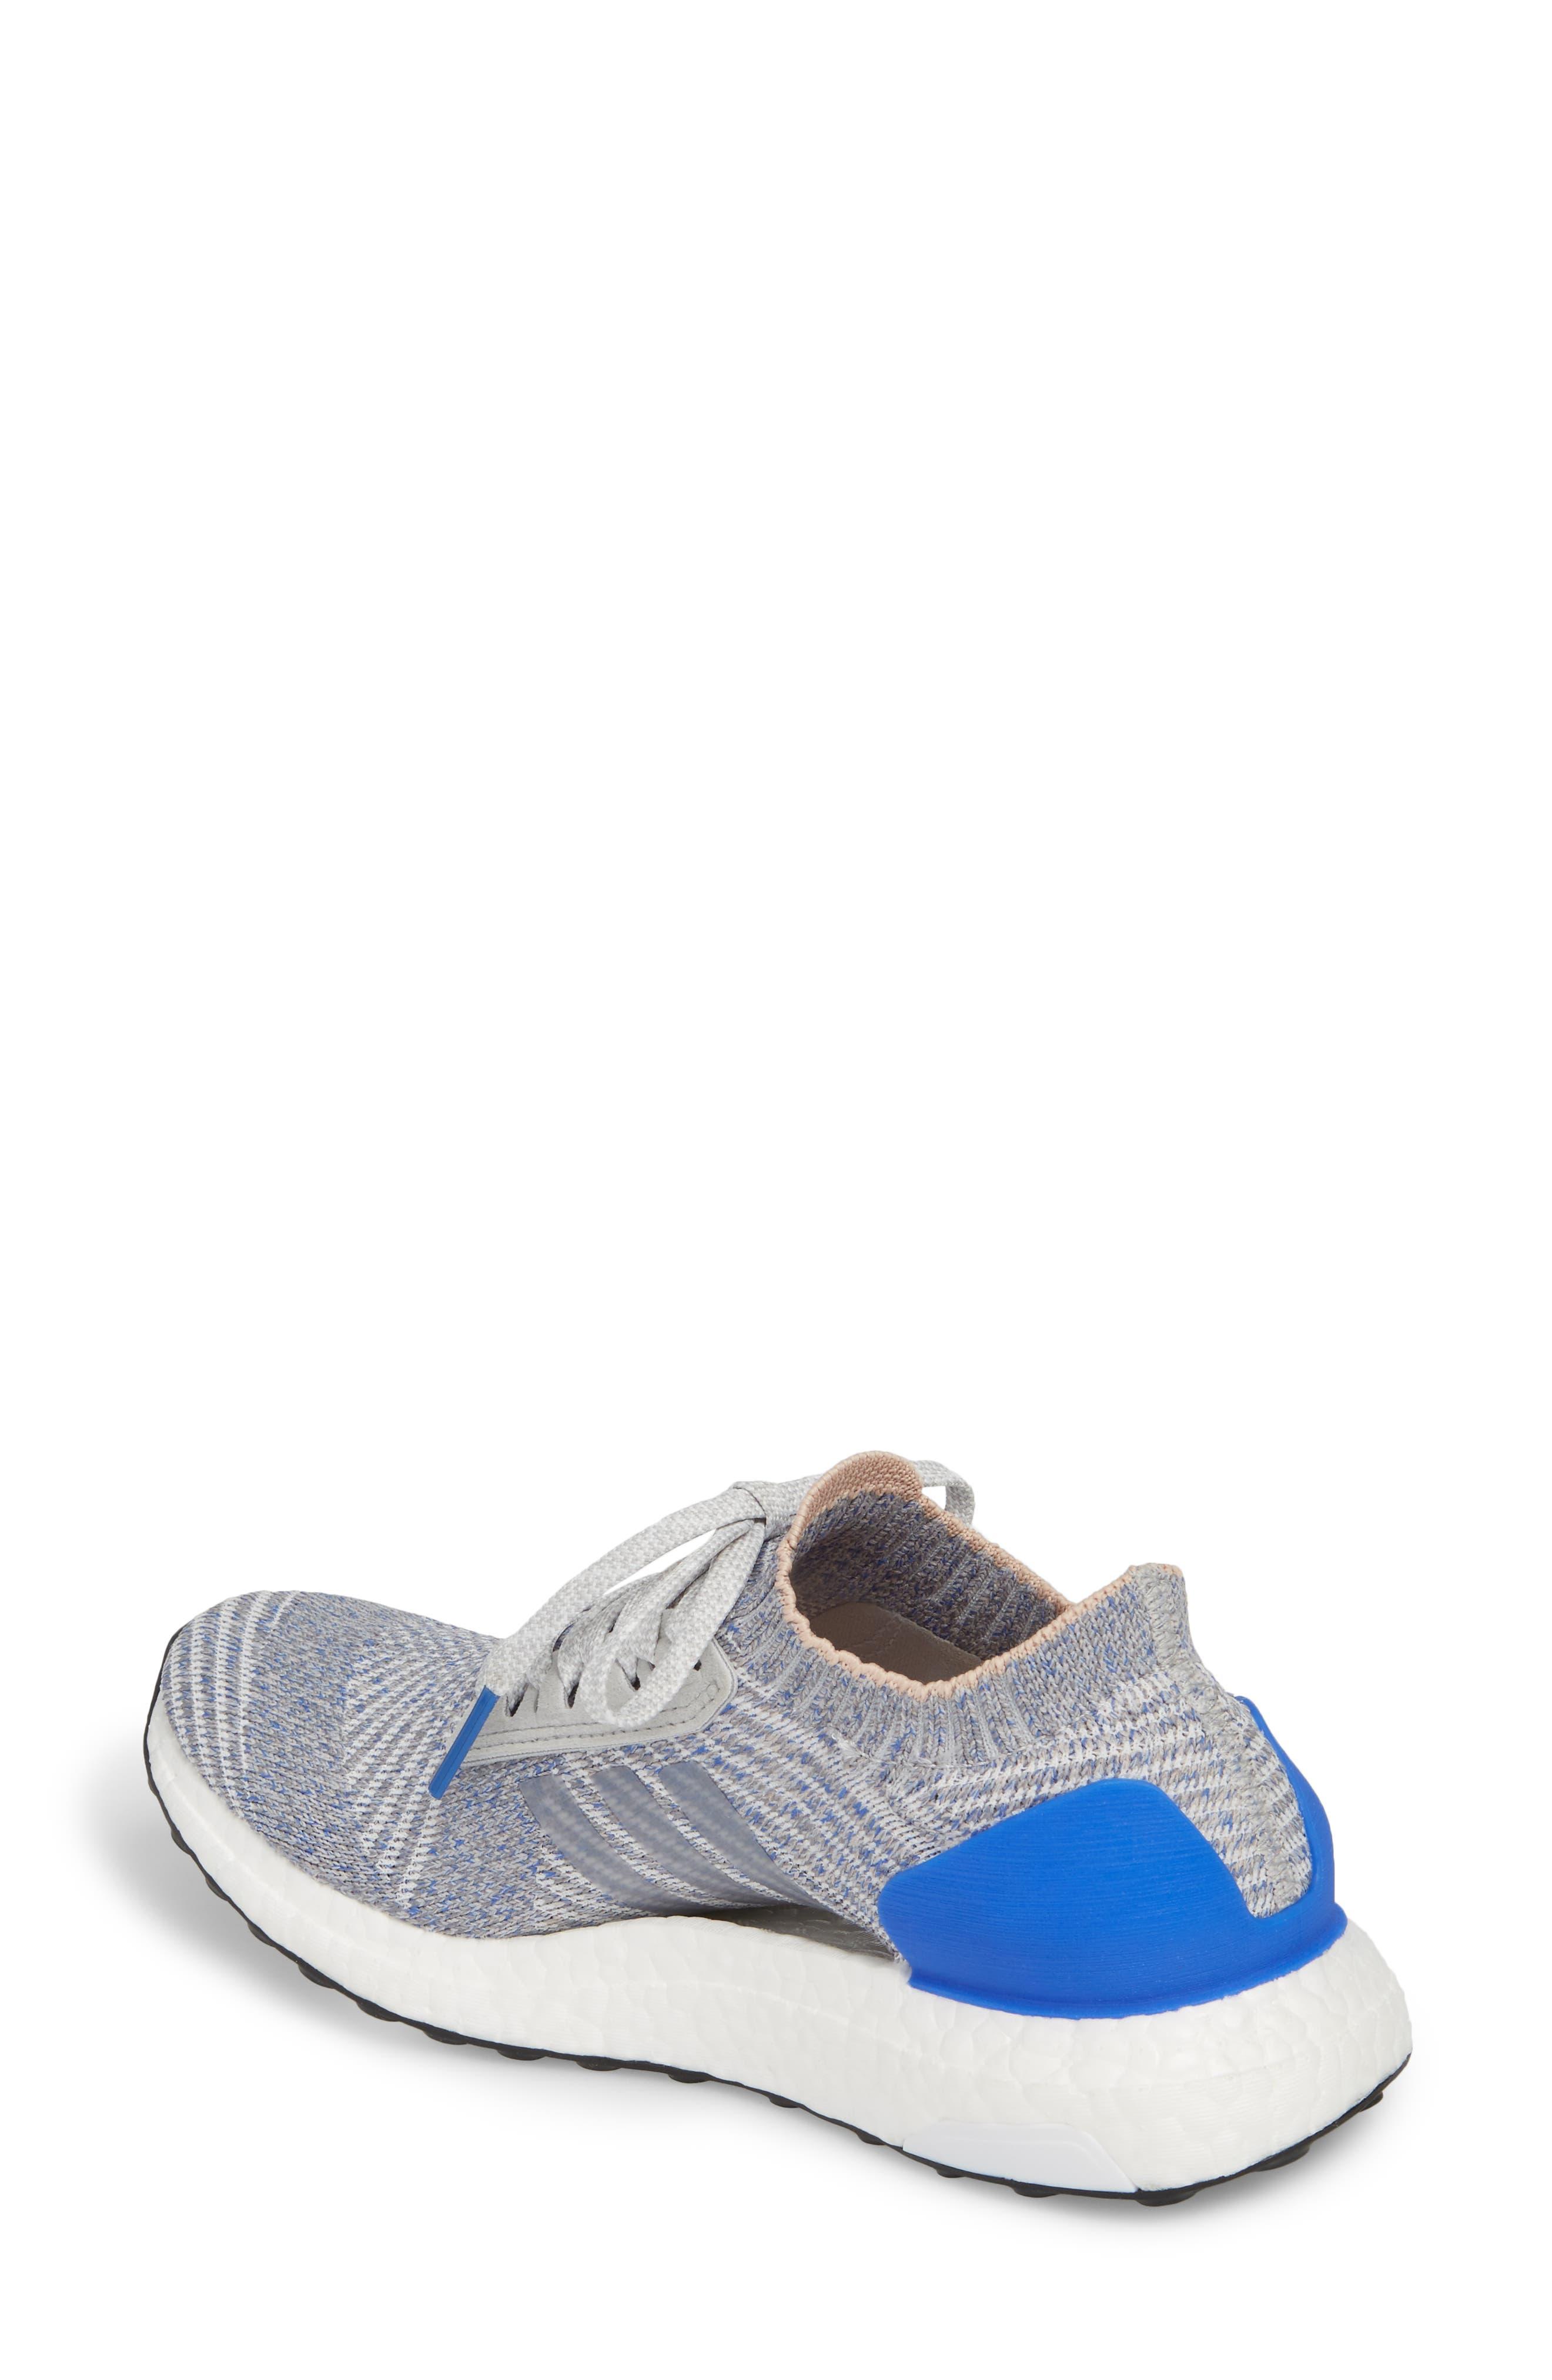 Alternate Image 2  - adidas UltraBoost X Sneaker (Women)